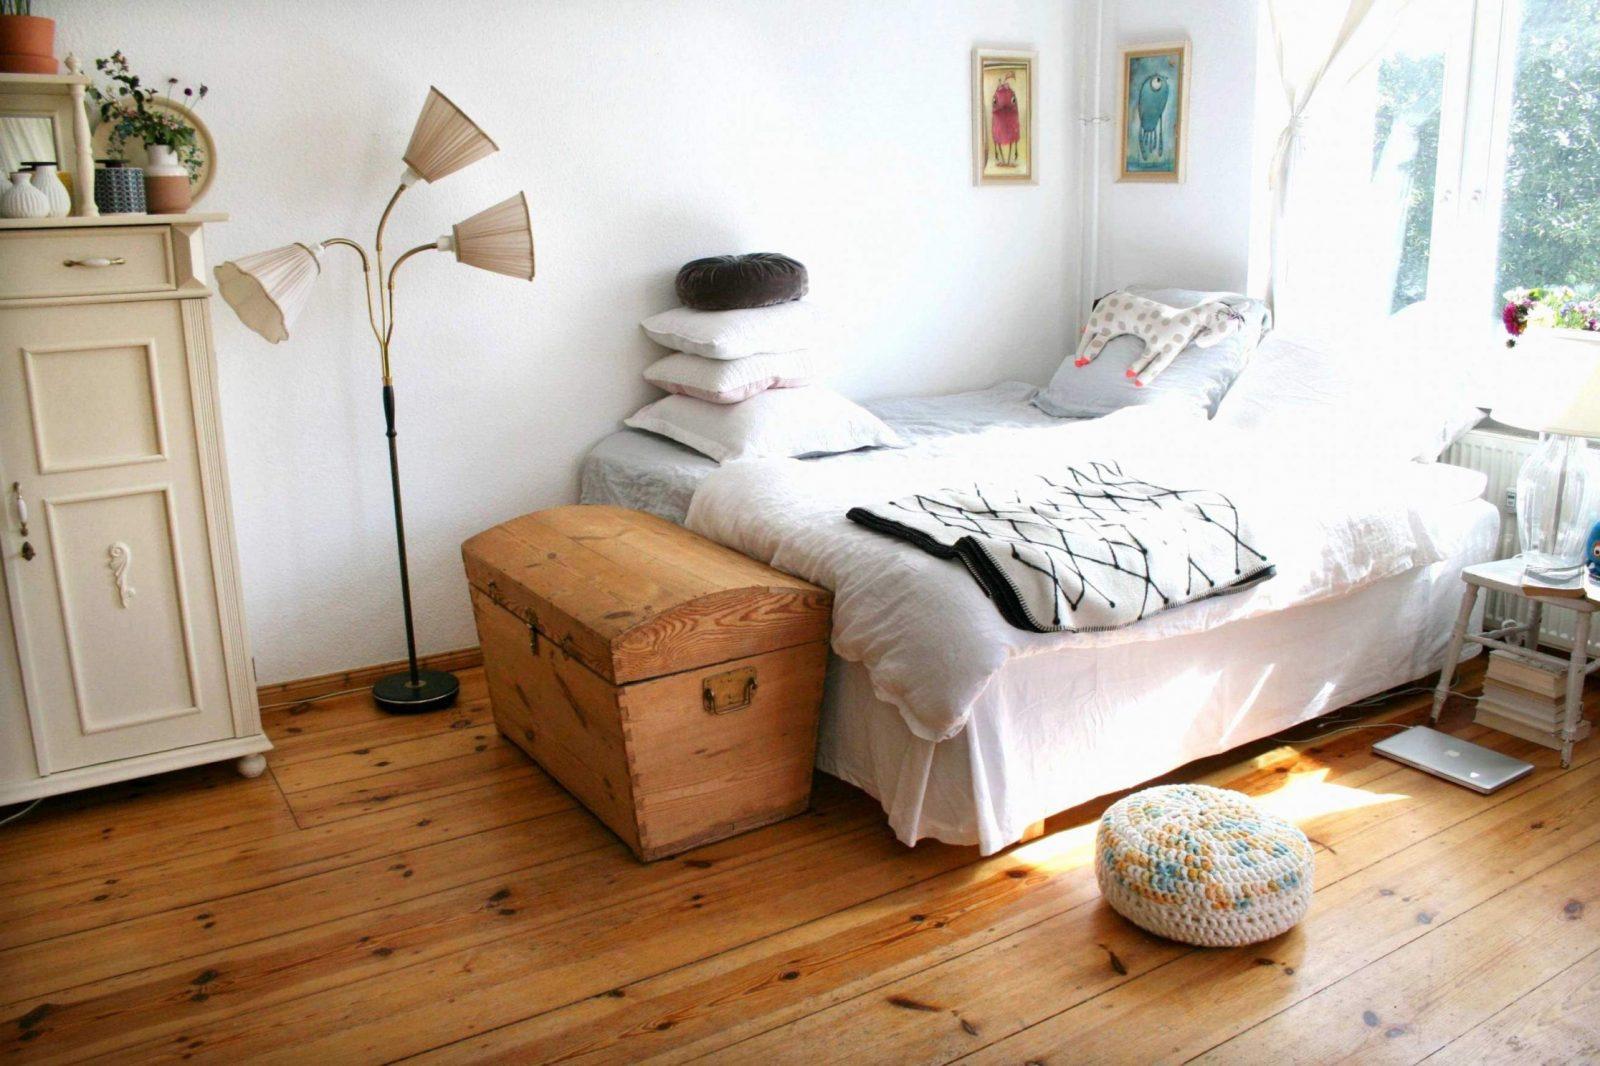 Dekoration Wohnzimmer Modern Luxus Tv Wand Modern Chic von Dekoration Wohnzimmer Wand Bild